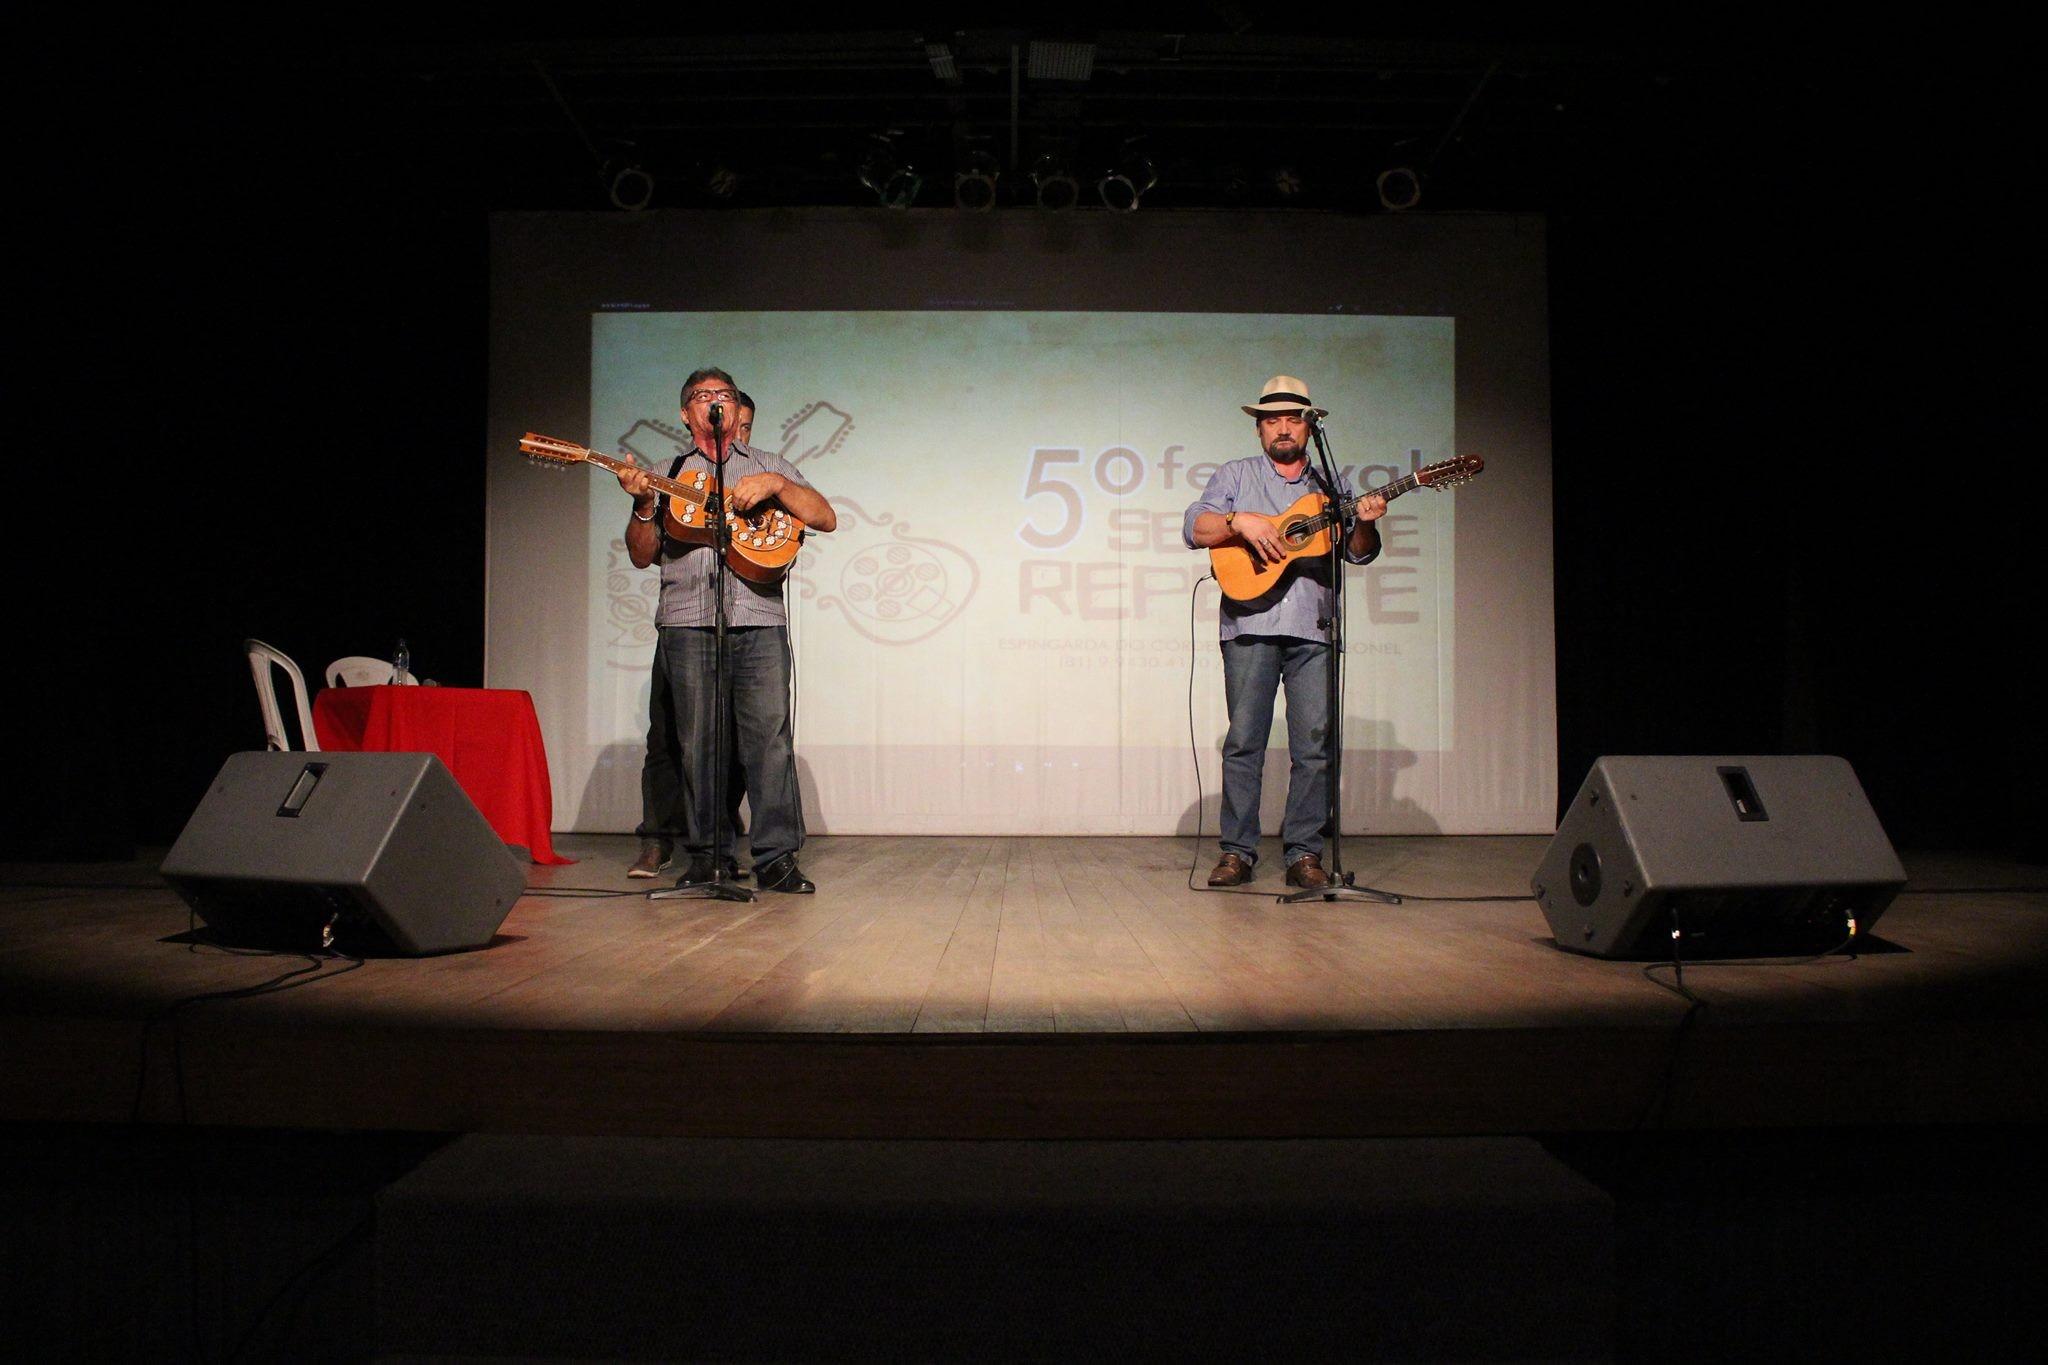 9ª edição do festival de violeiros 'Sexta de Repente' é realizada em Caruaru  - Notícias - Plantão Diário